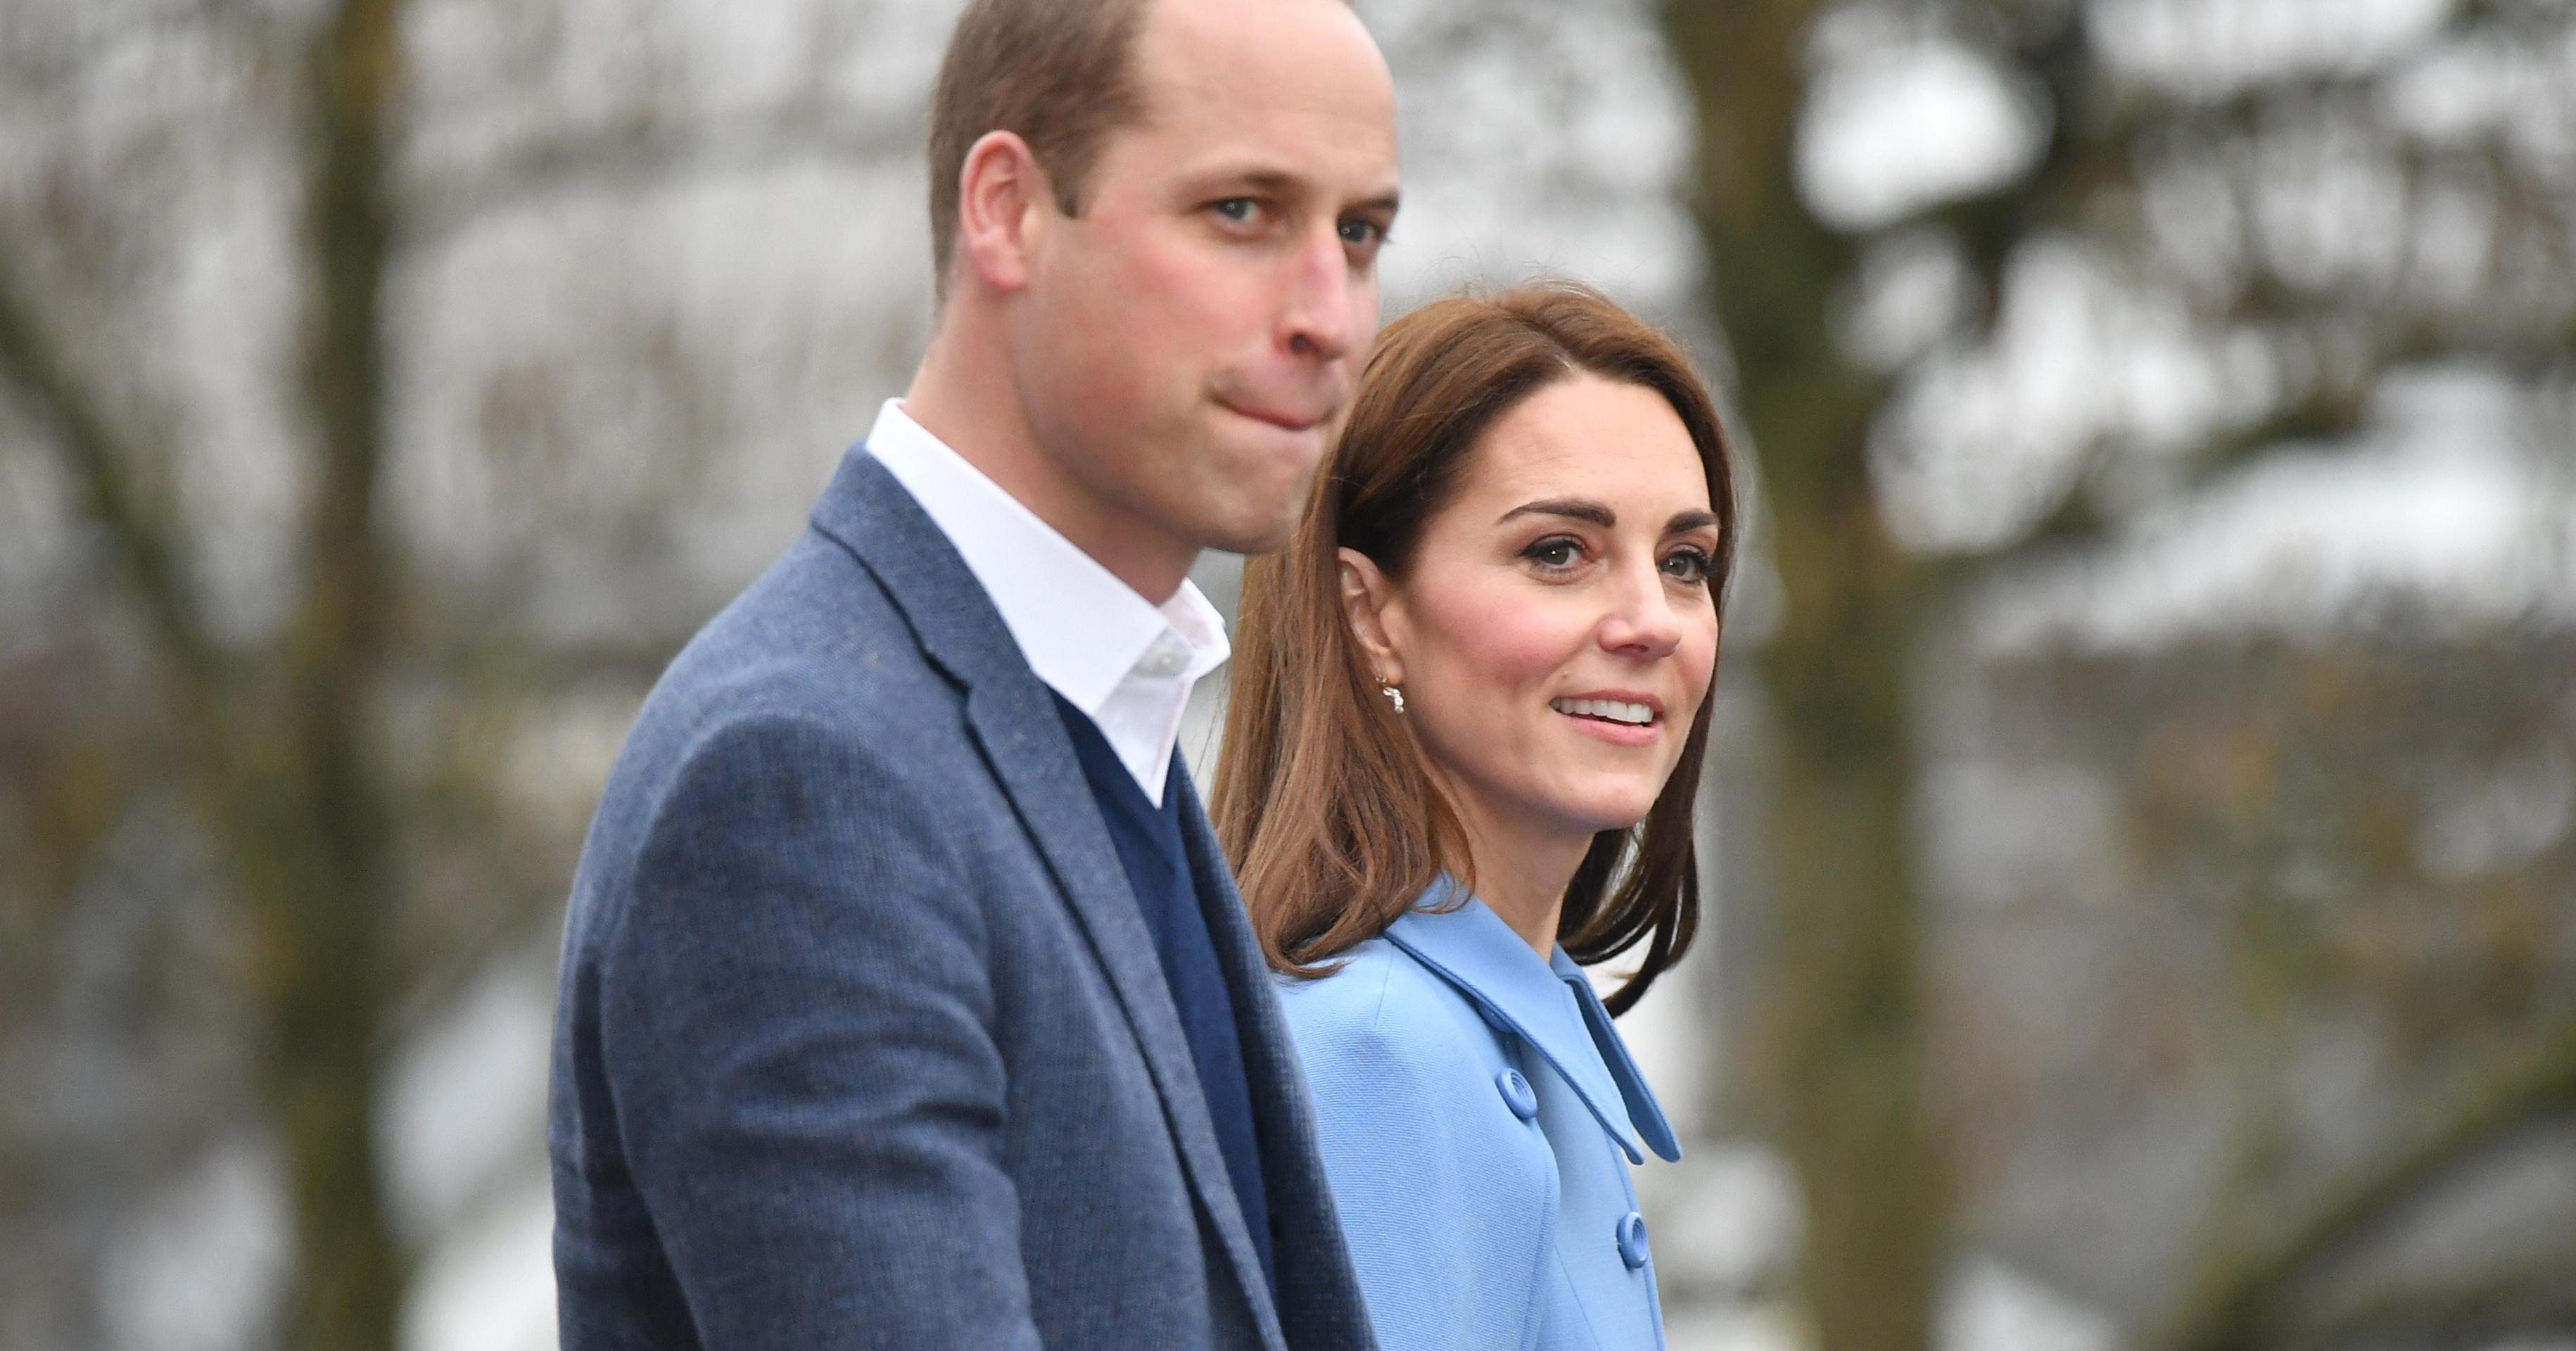 Кейт Миддлтон и принц Уильям рассказали, как дети отреагировали на их вечерний выход в свет